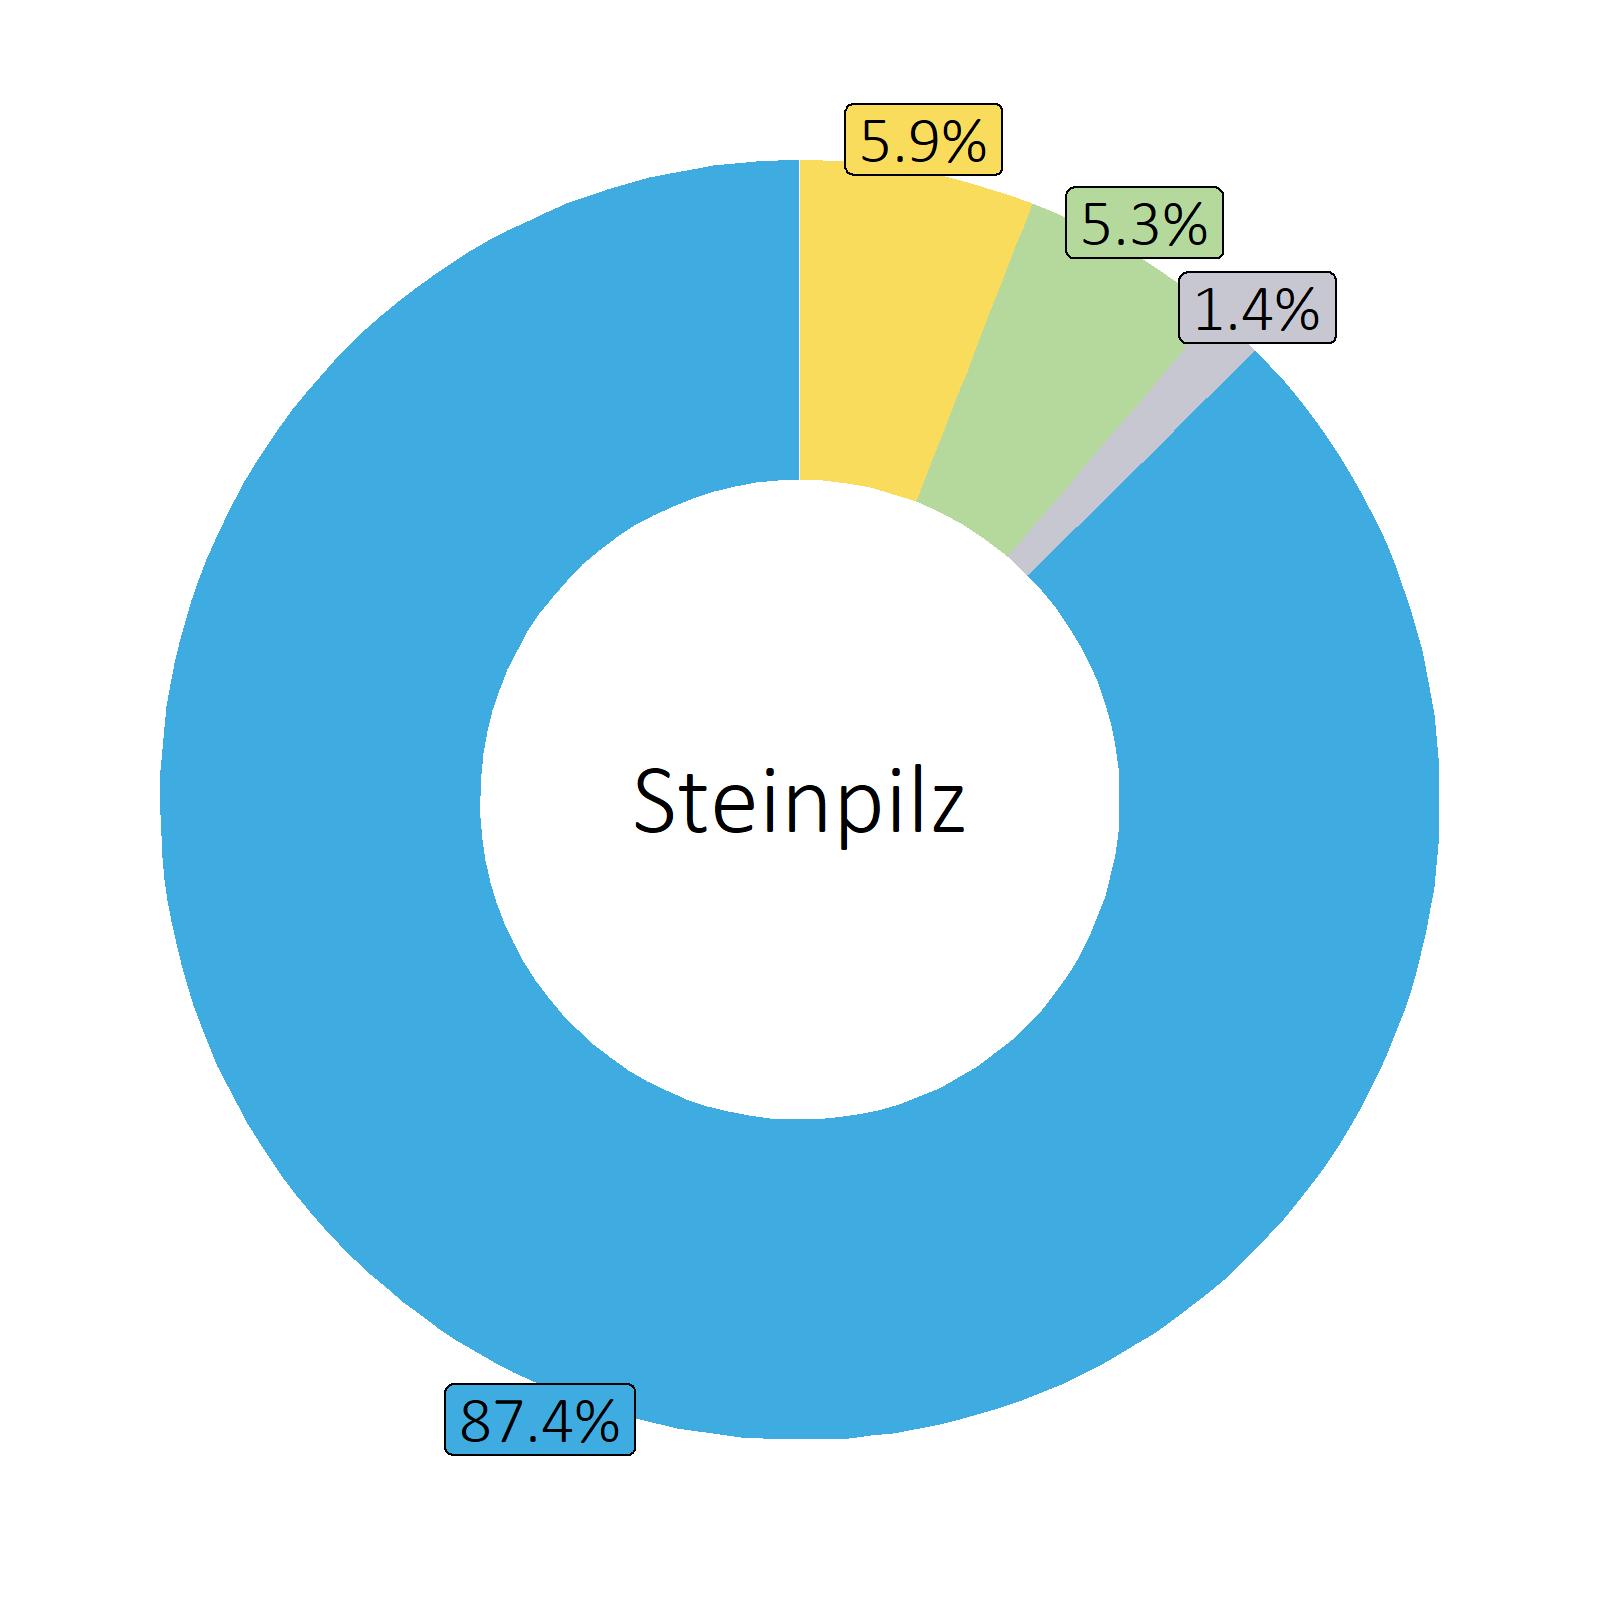 Bestandteile Steinpilz